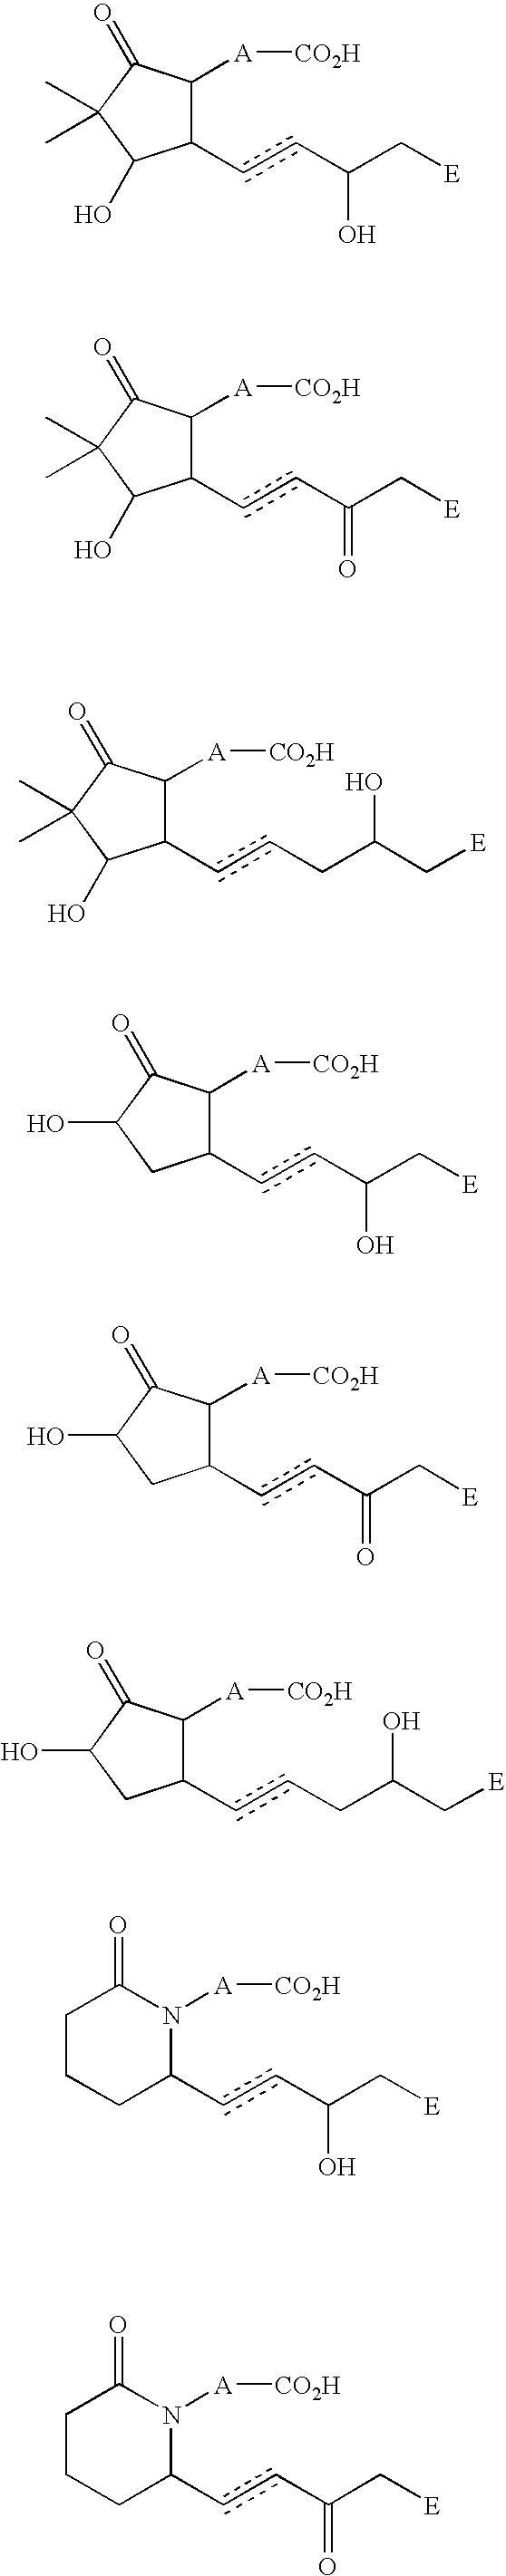 Figure US20070232660A1-20071004-C00016